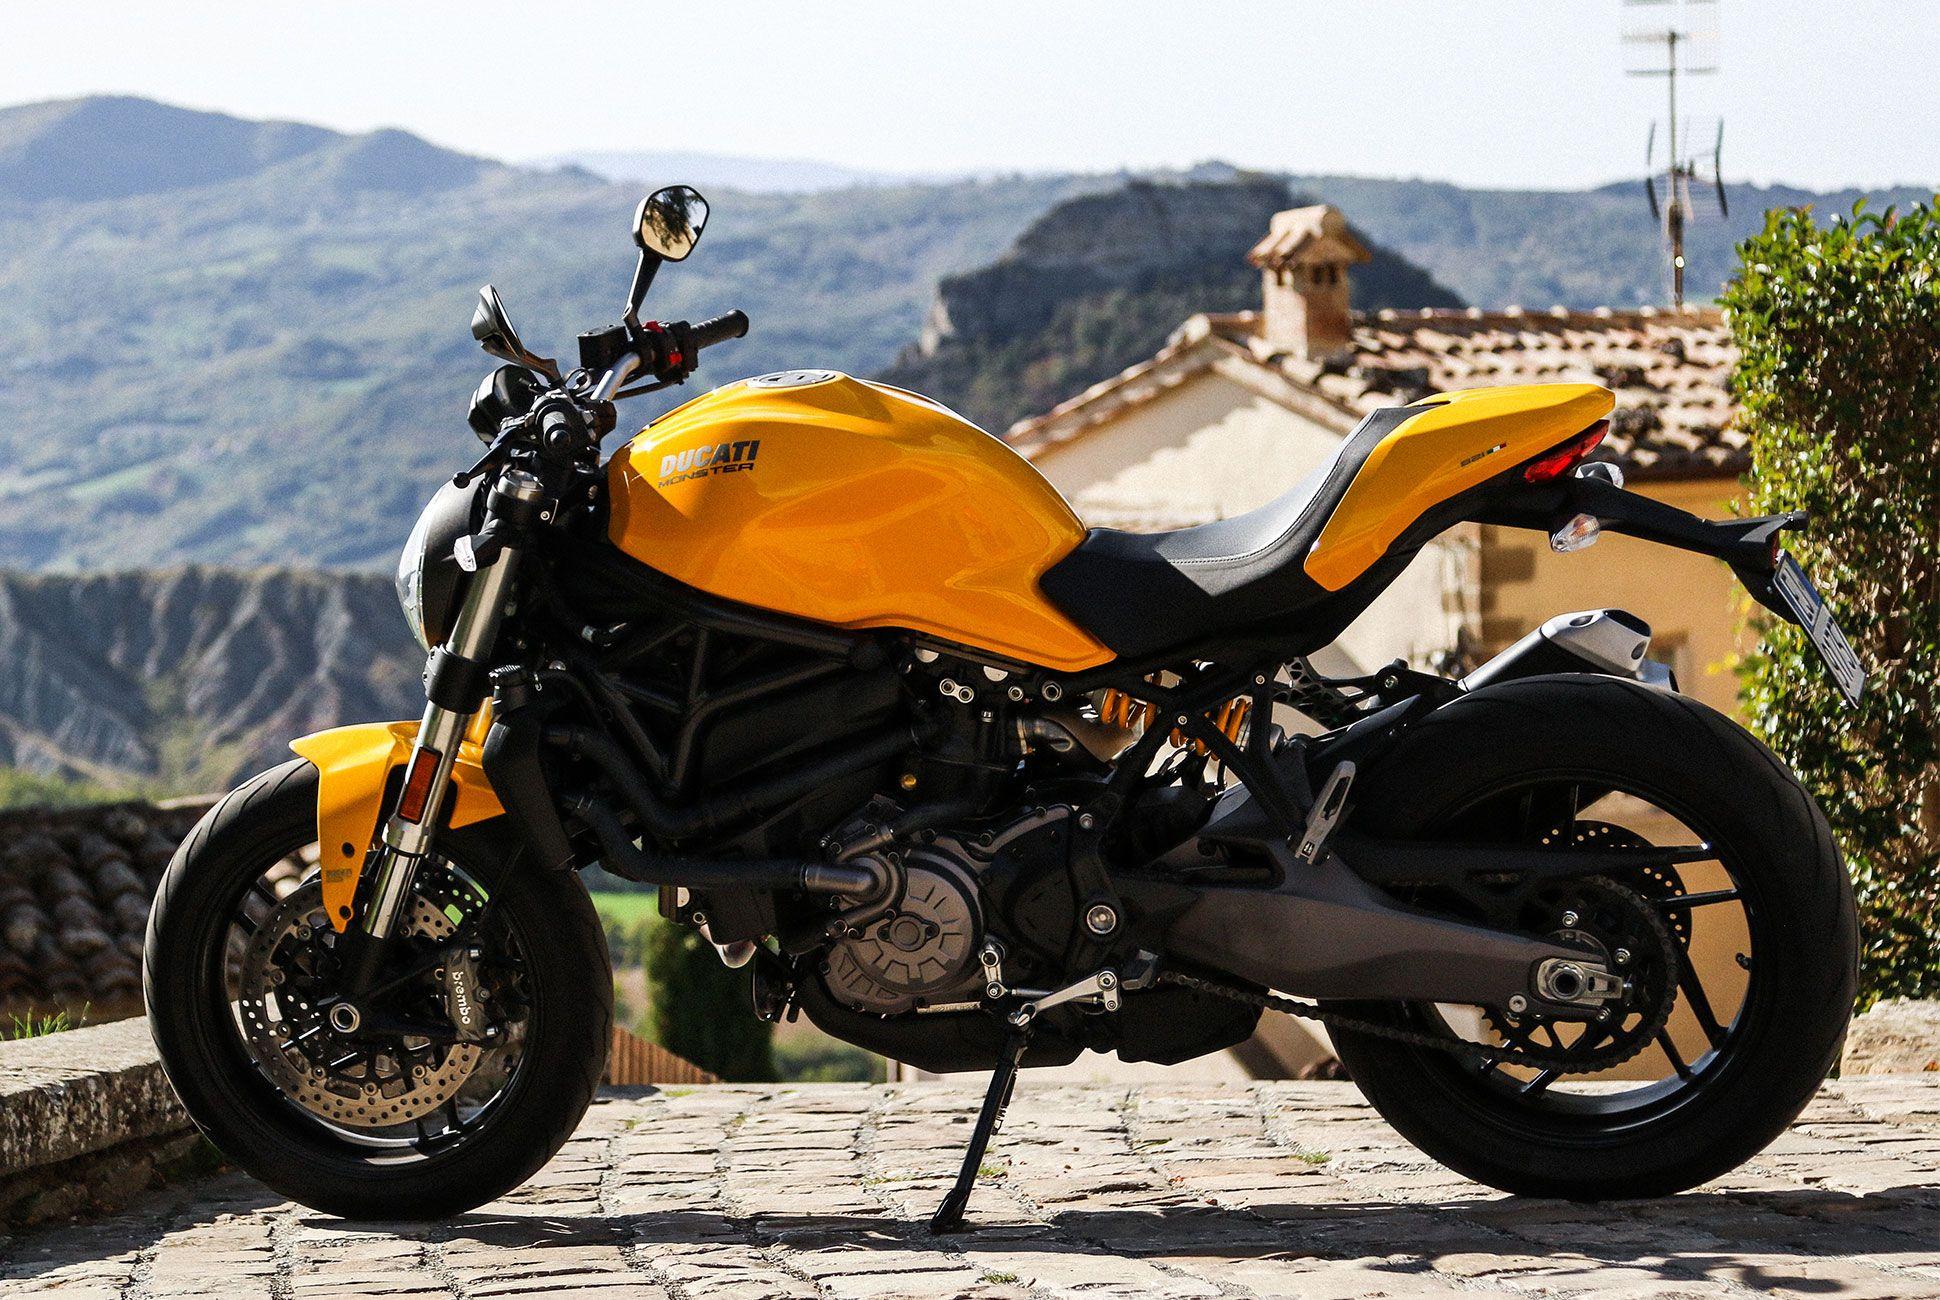 Ducati-821-Monster-Review-gear-patrol-4